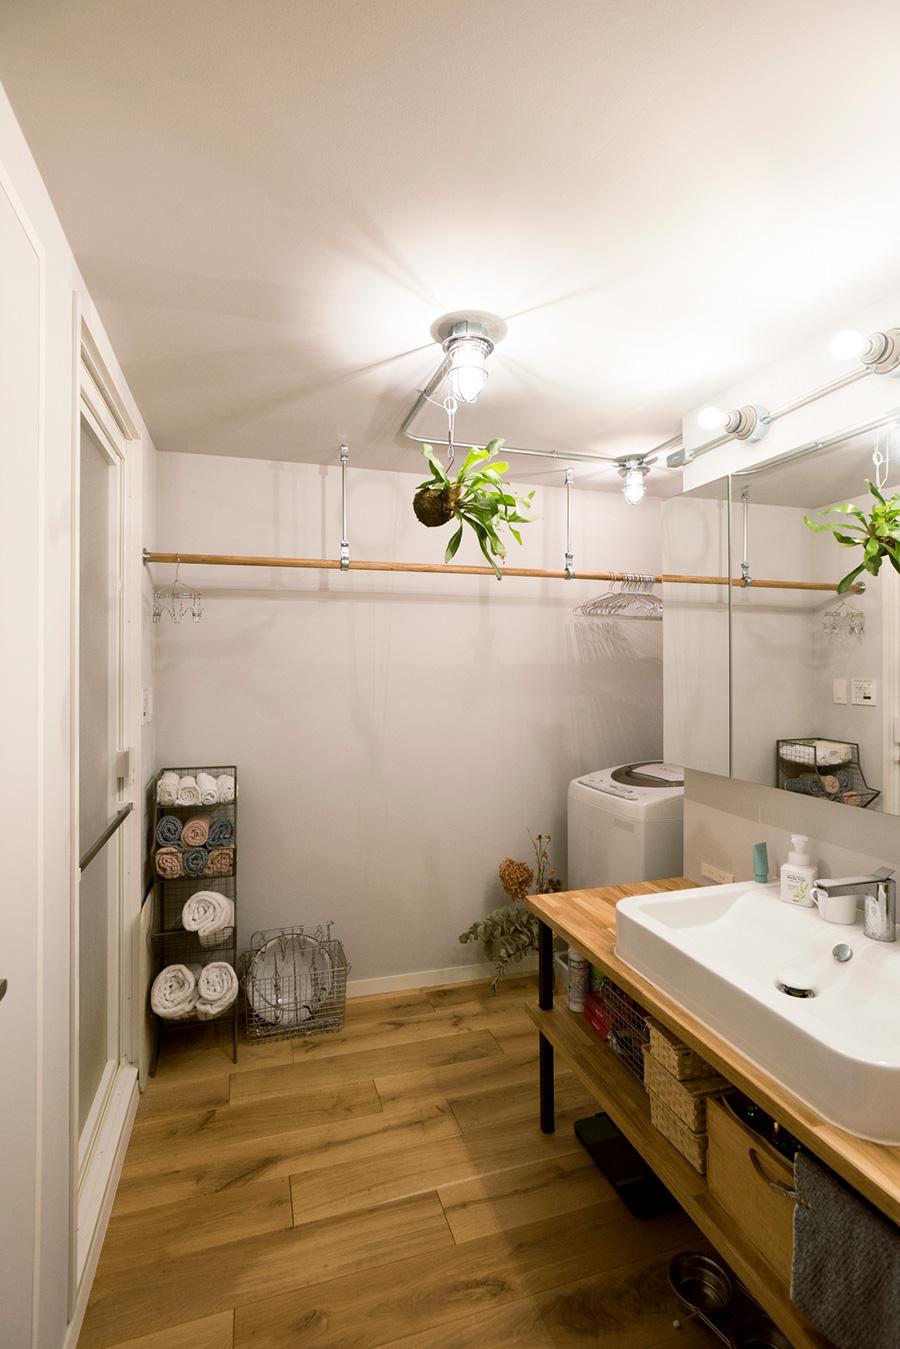 本物のマリンランプが印象的な洗面。洗濯物が干せるよう、バーをかけてもらった。琺瑯の洗面器、アンティーク調の金属のラックは桃子さんの好み。